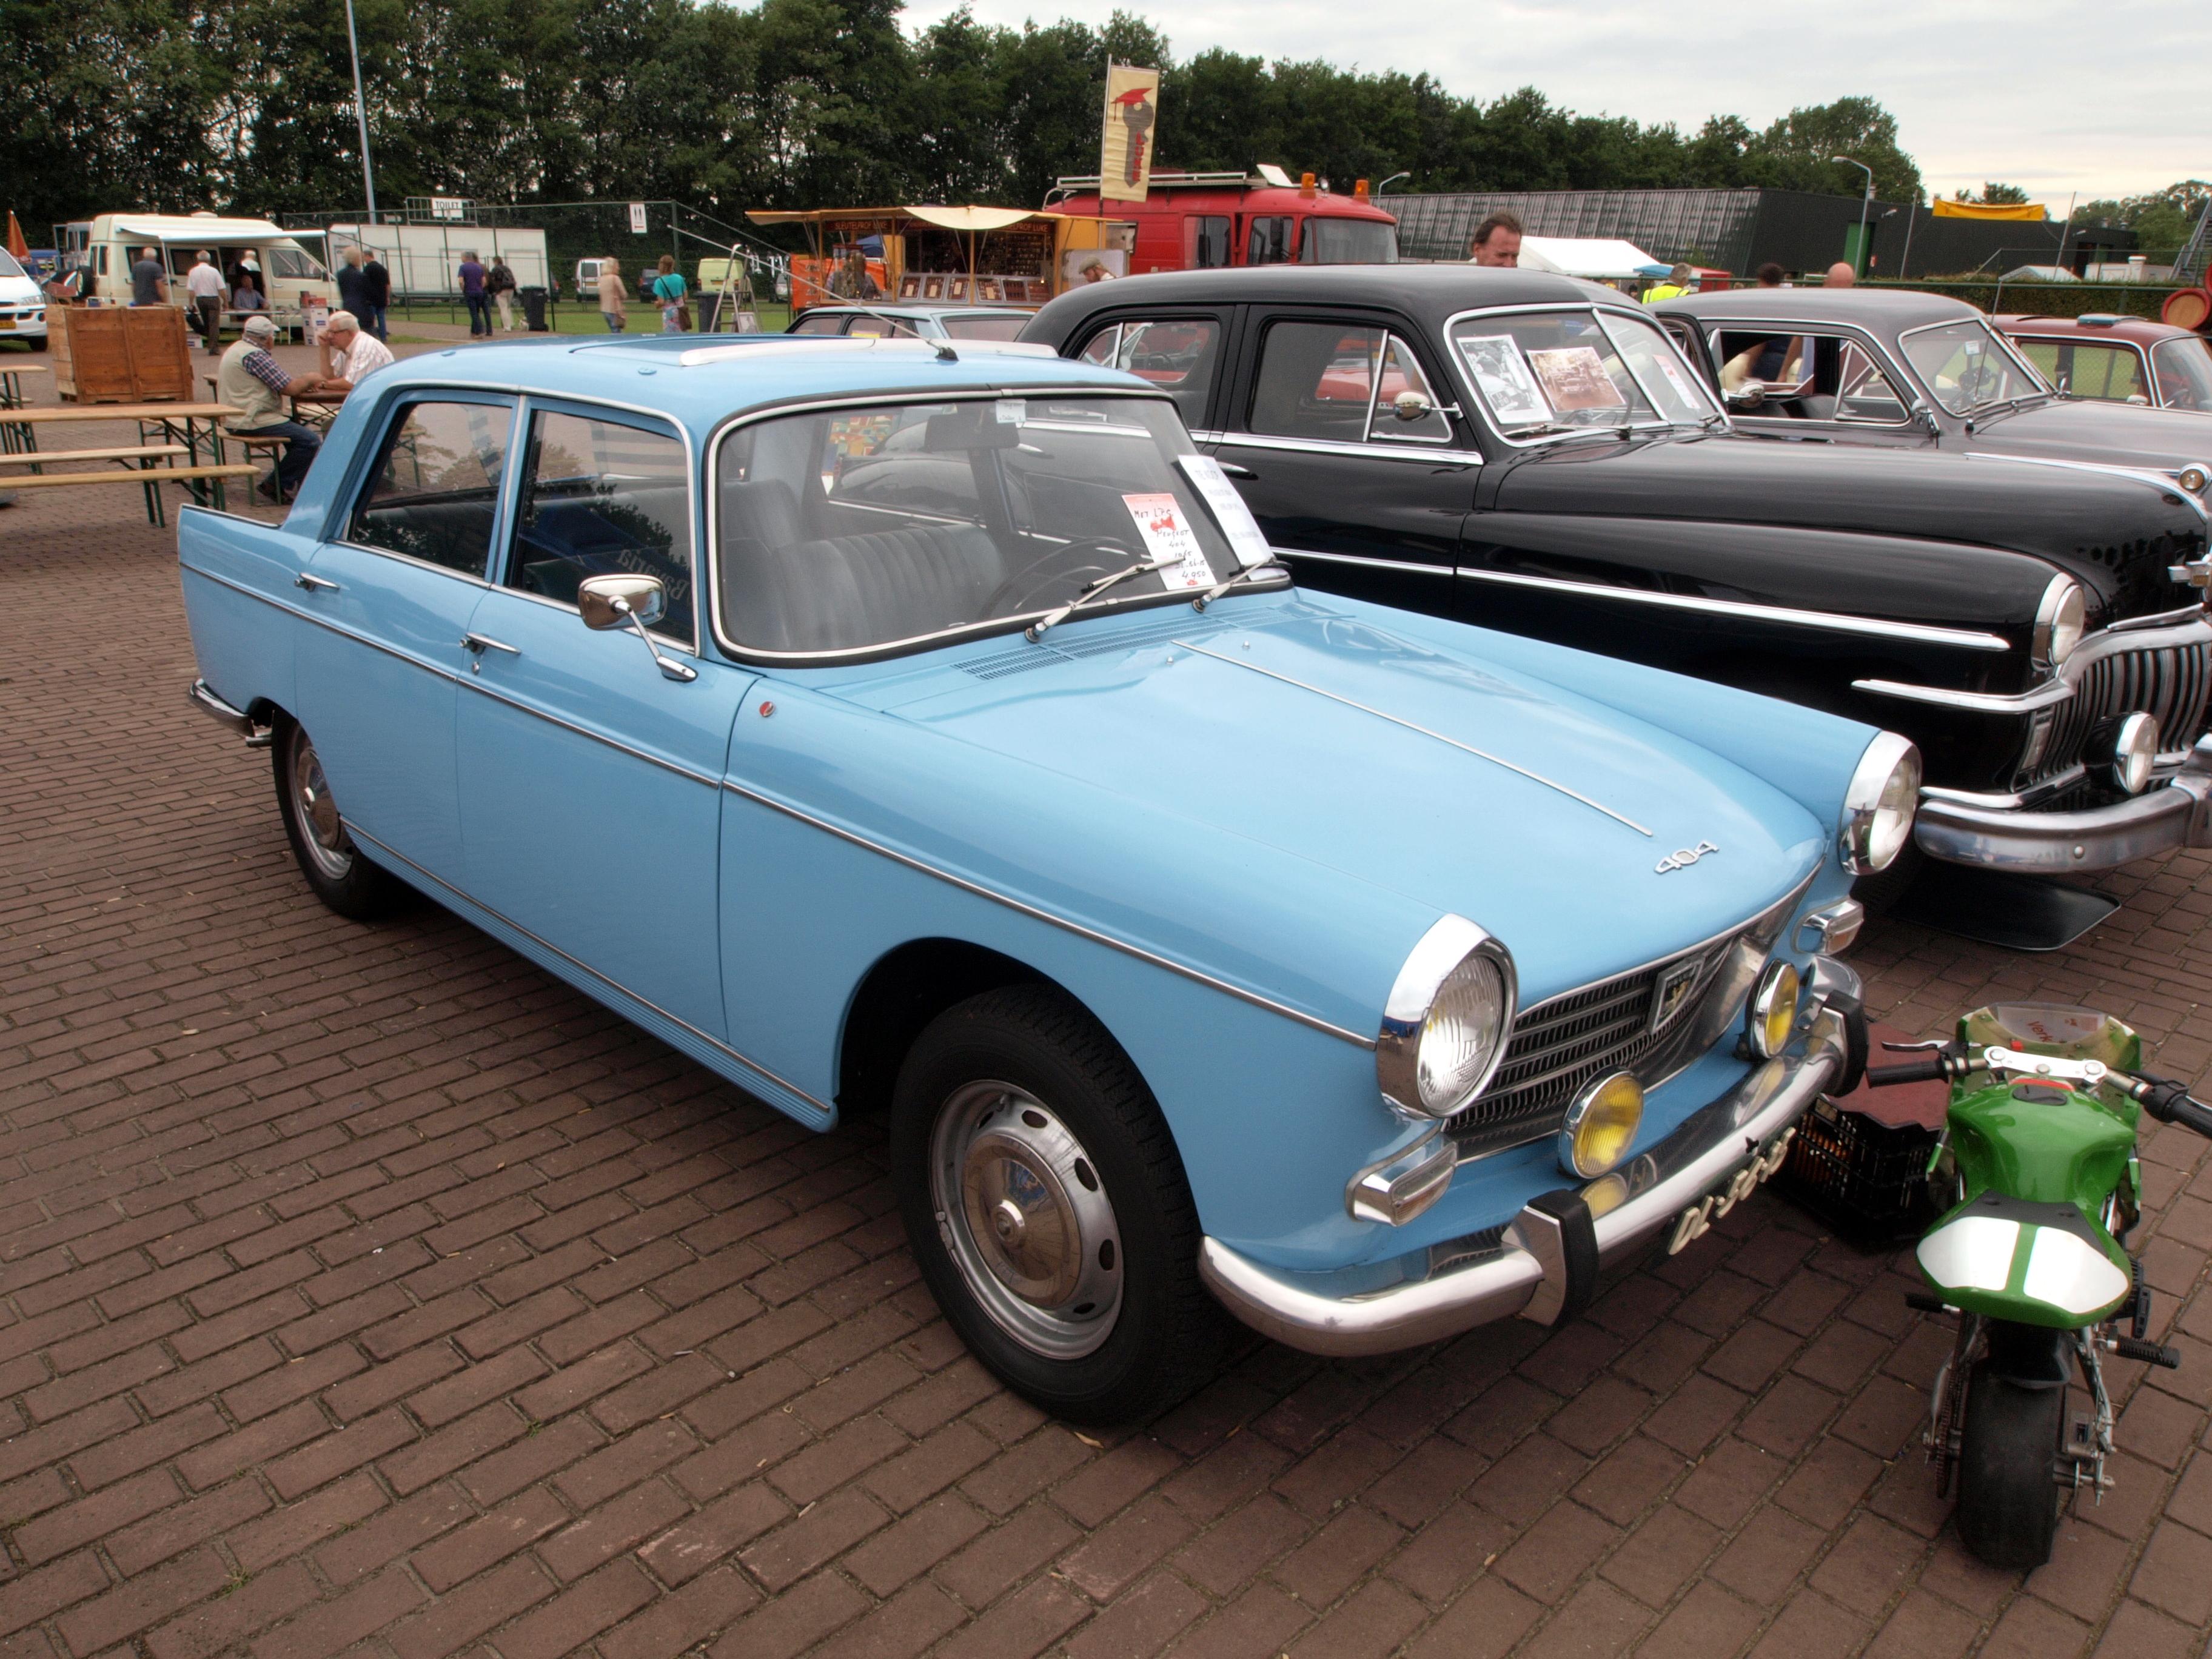 2 Person Car >> File:Ligth blue Peugeot 404, Dutch licence registration DL ...